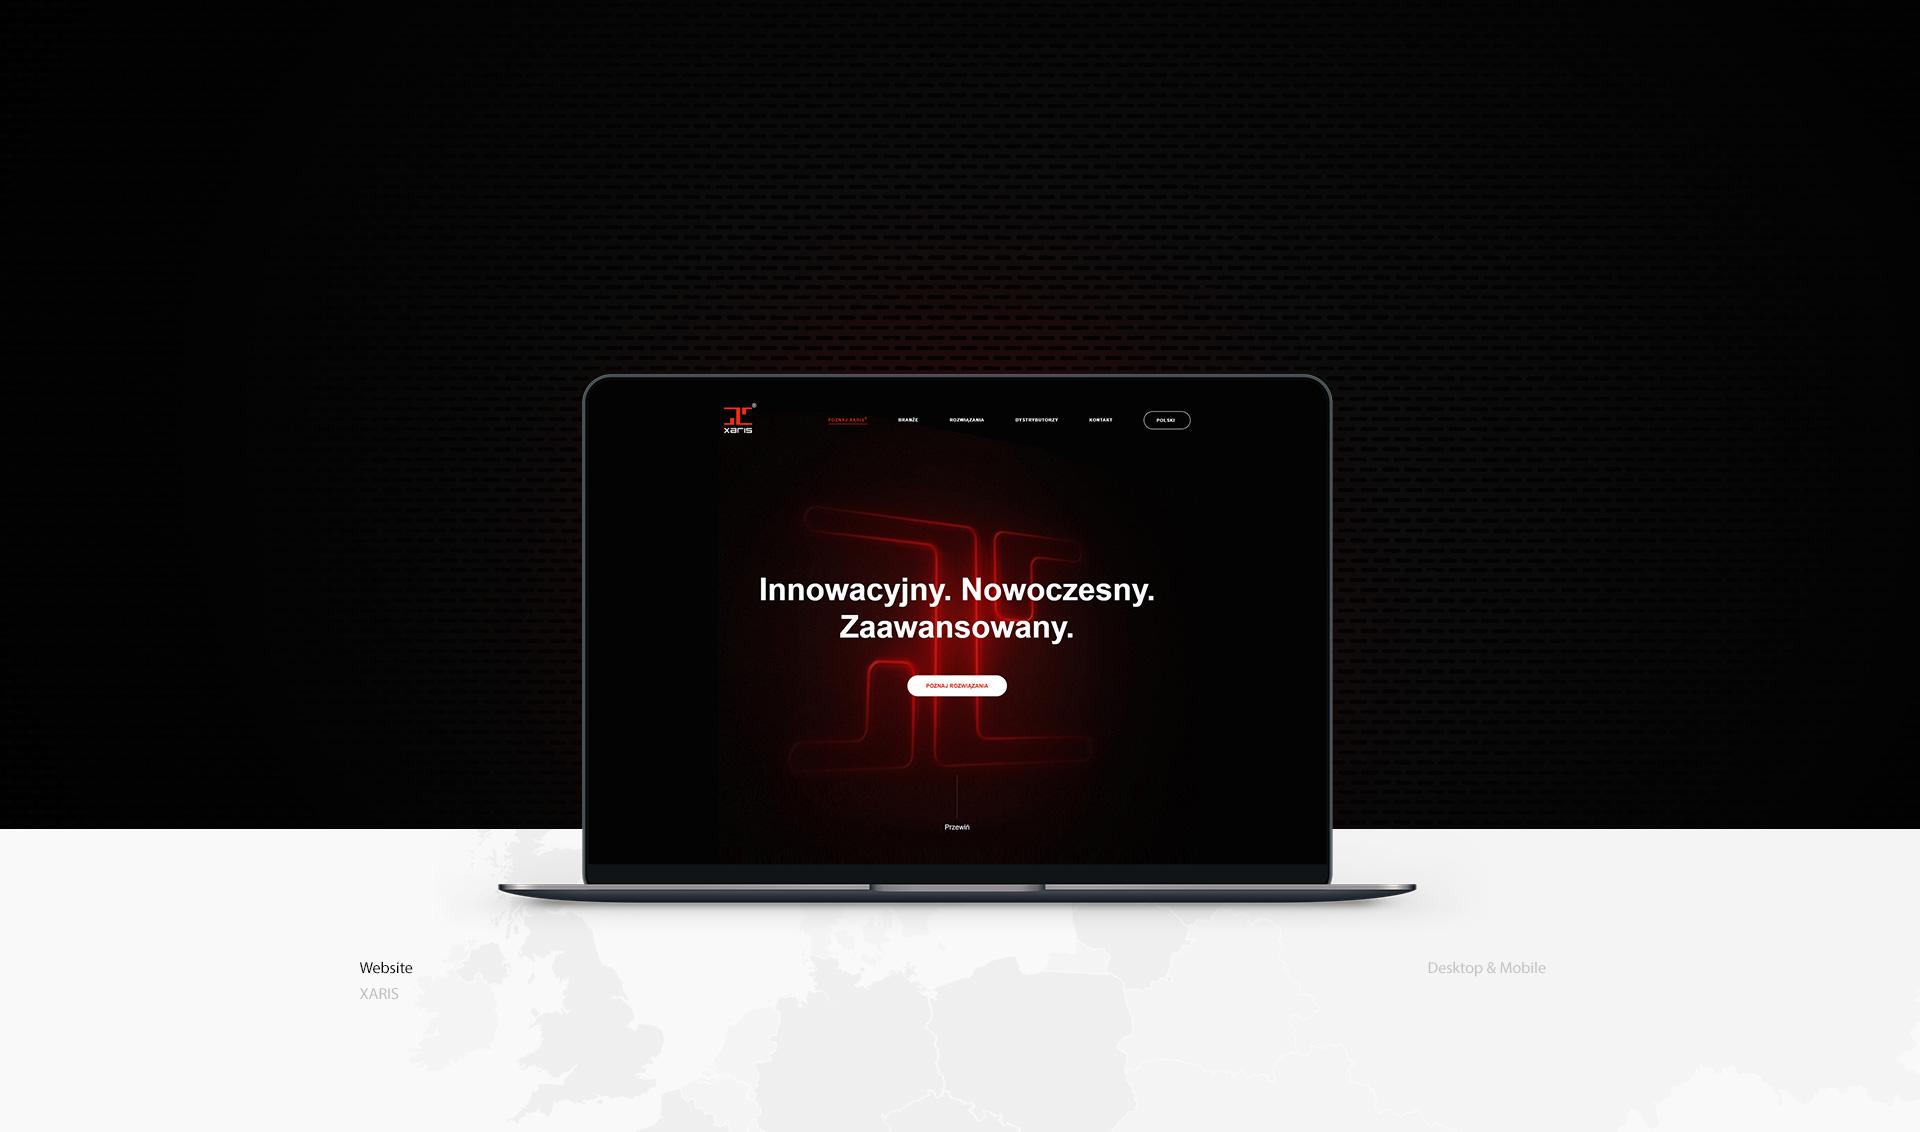 tworzenie stron www xaris w Poznaniu